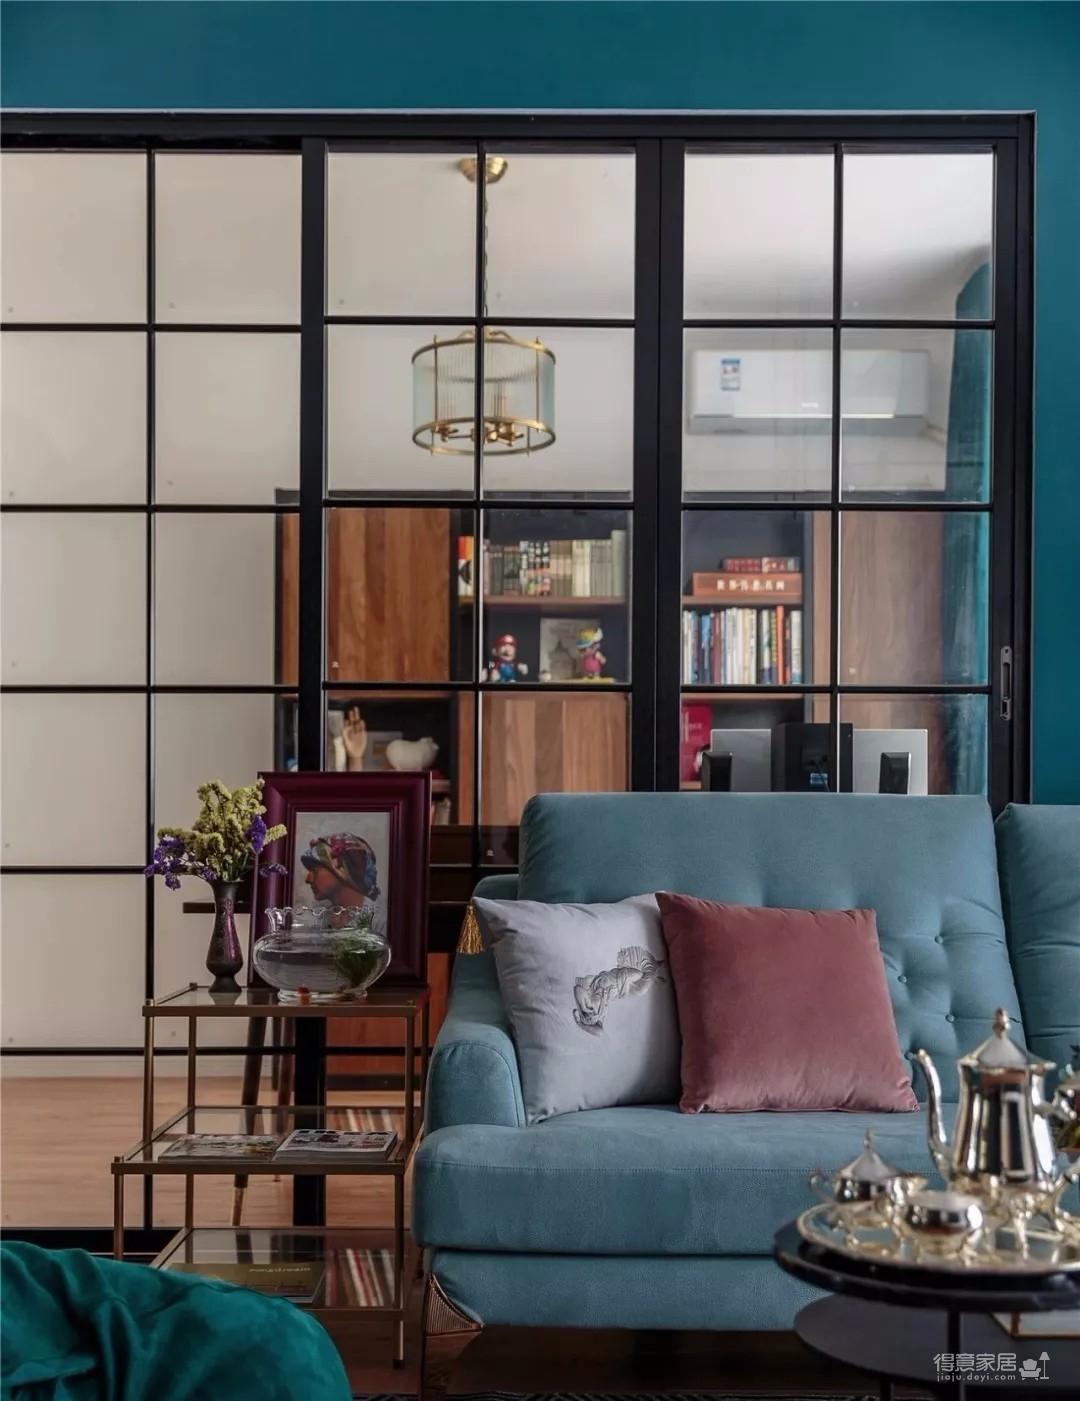 110平复古三室,打通客厅、书房,用玻璃隔断弱化门